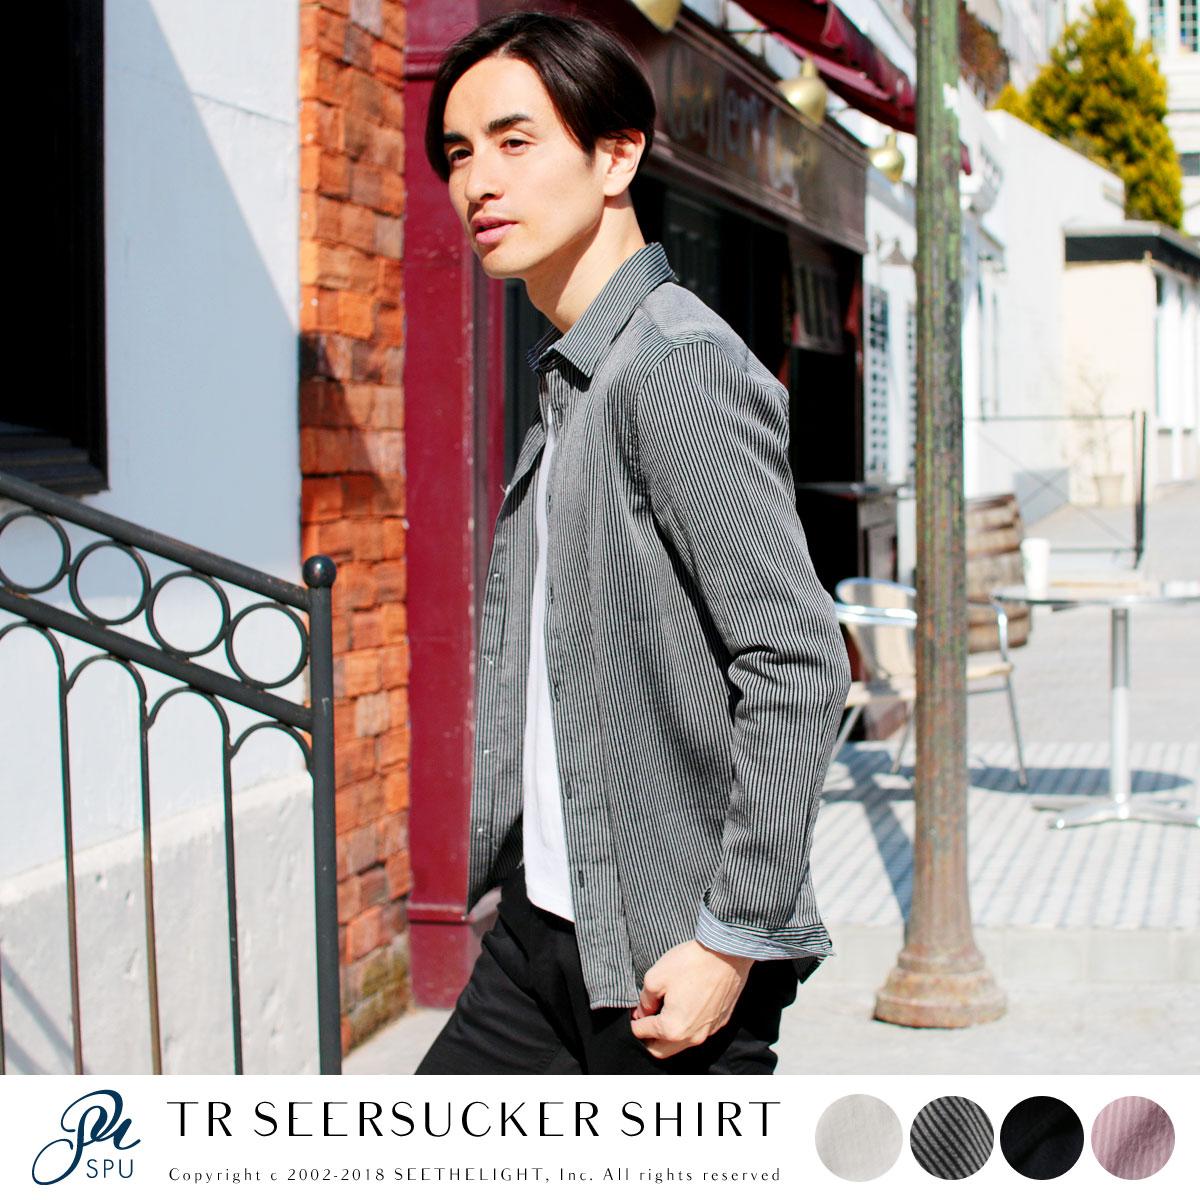 メンズ カジュアルシャツ メンズファッション SPUオリジナルシャツシリーズ TR シアサッカー 長袖 シャツ SPU スプ